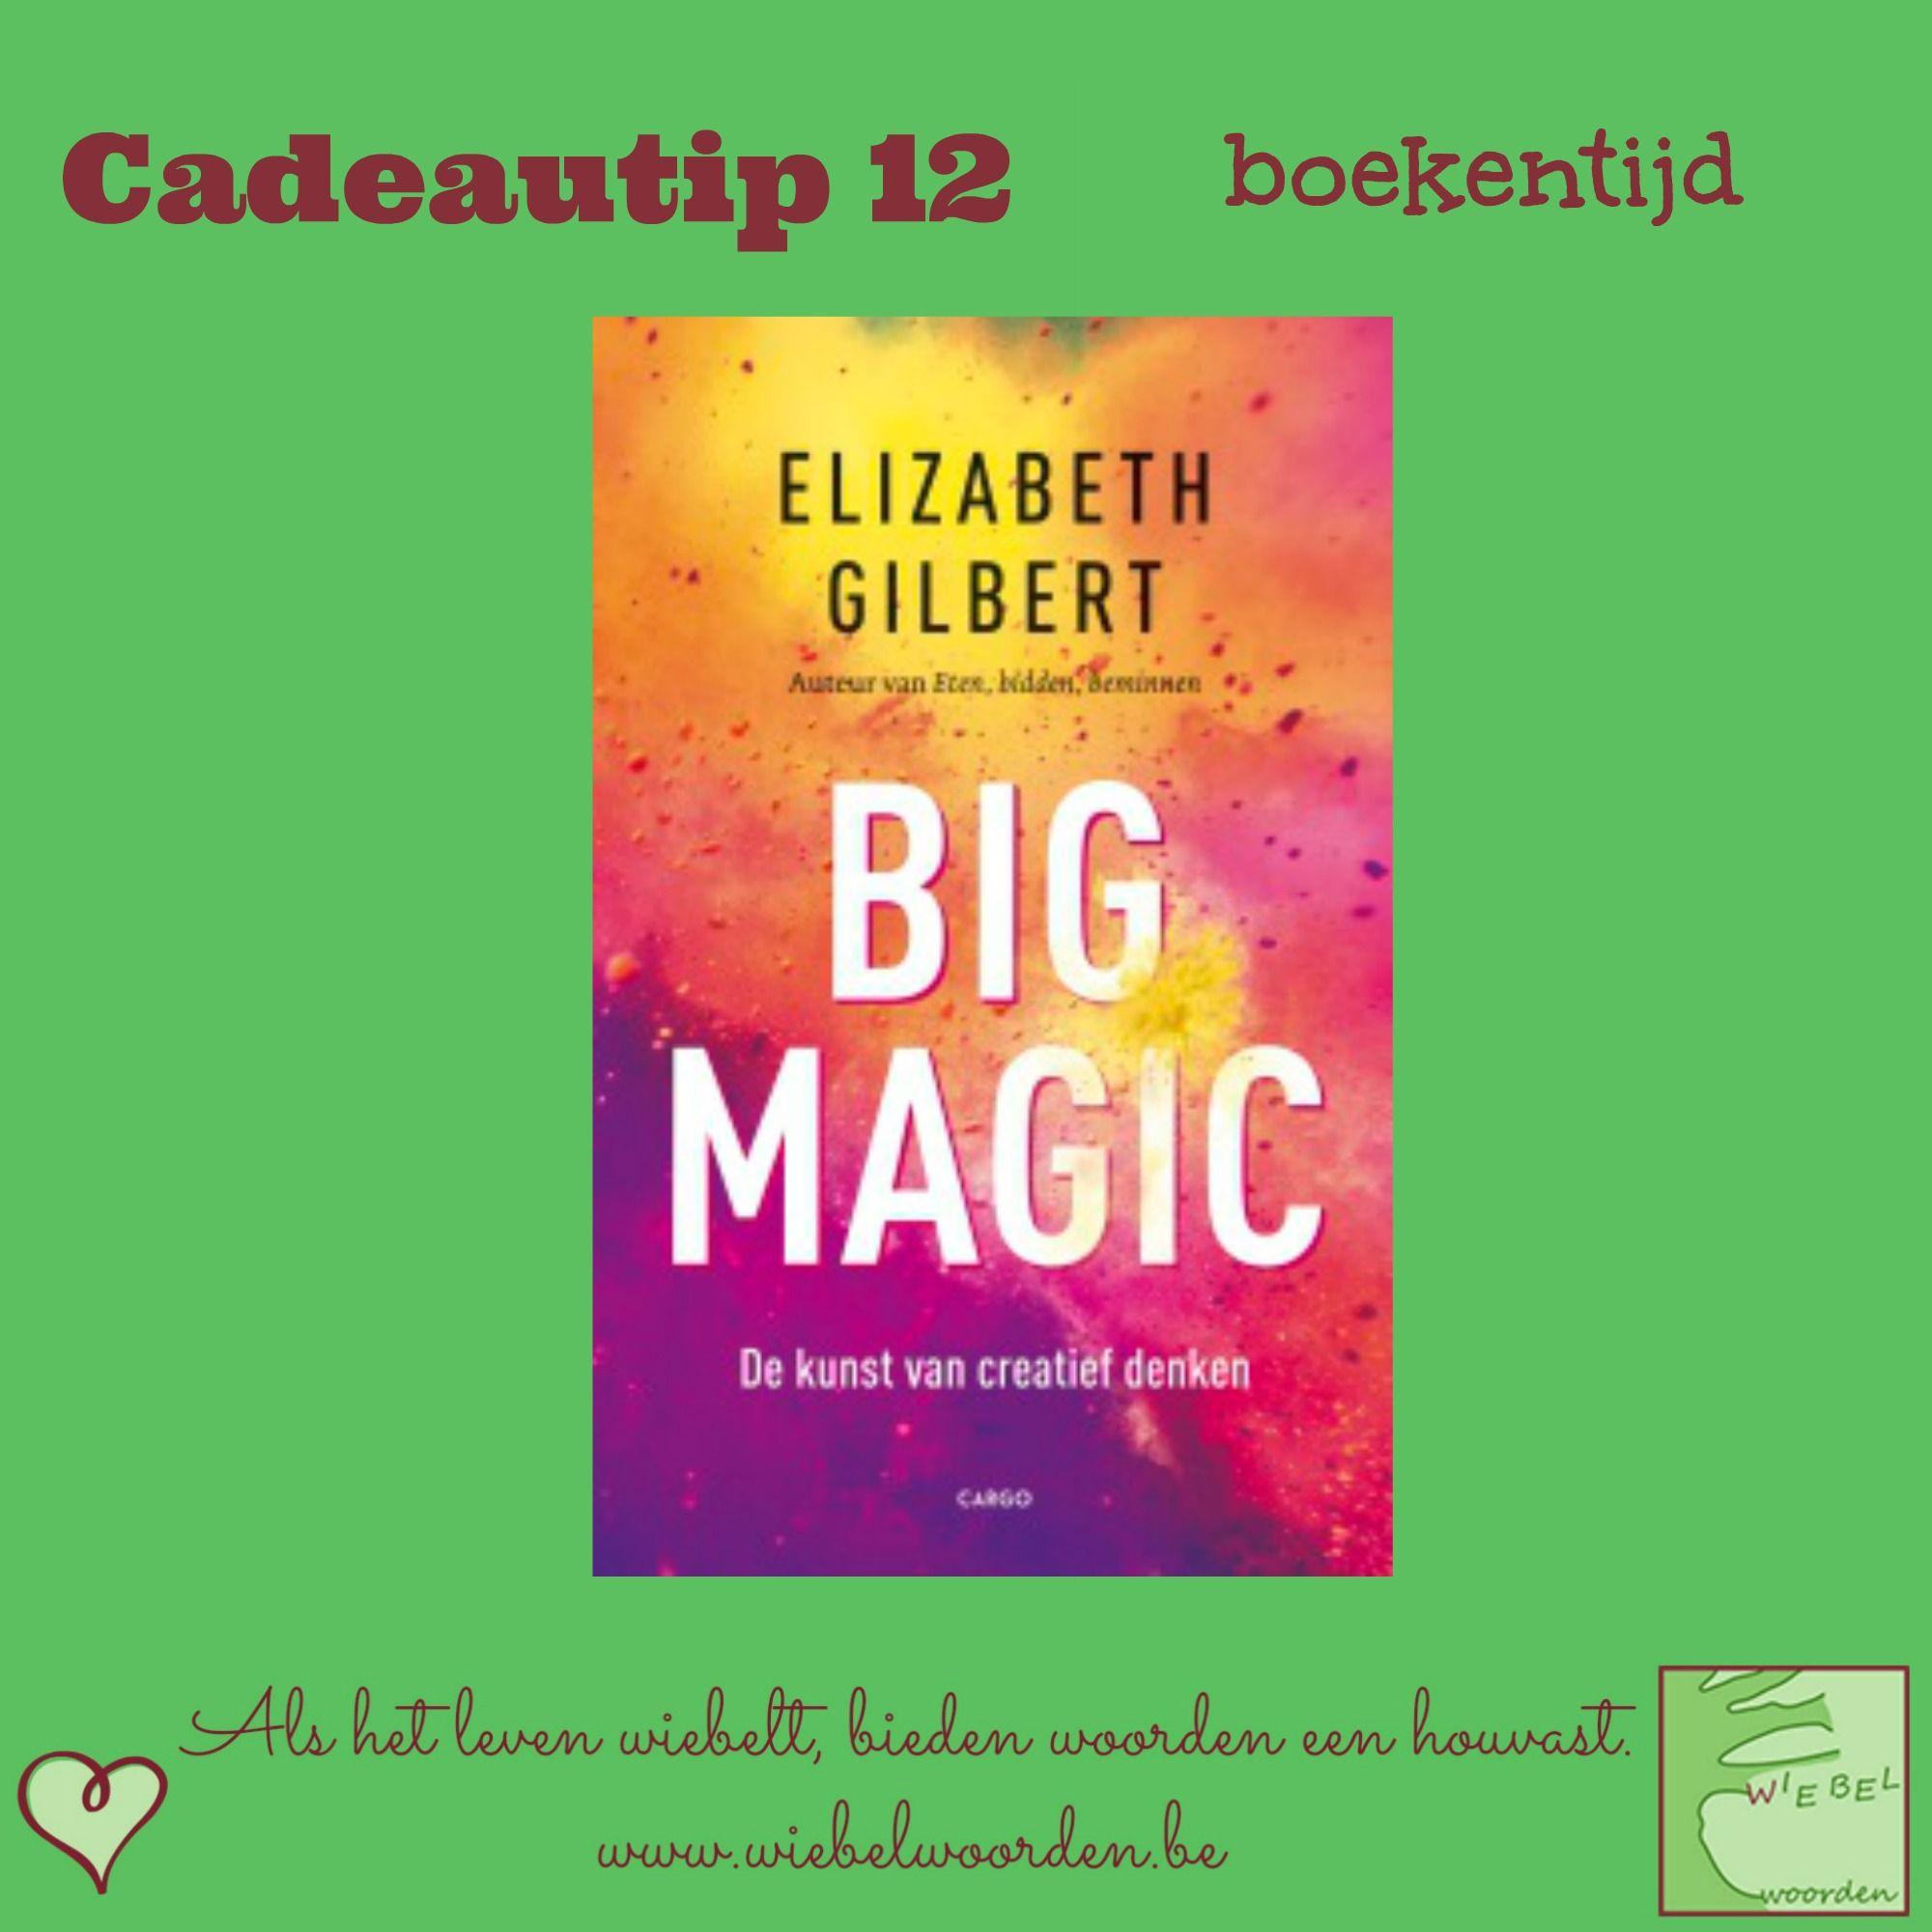 cadeautip 12 #boekentijd